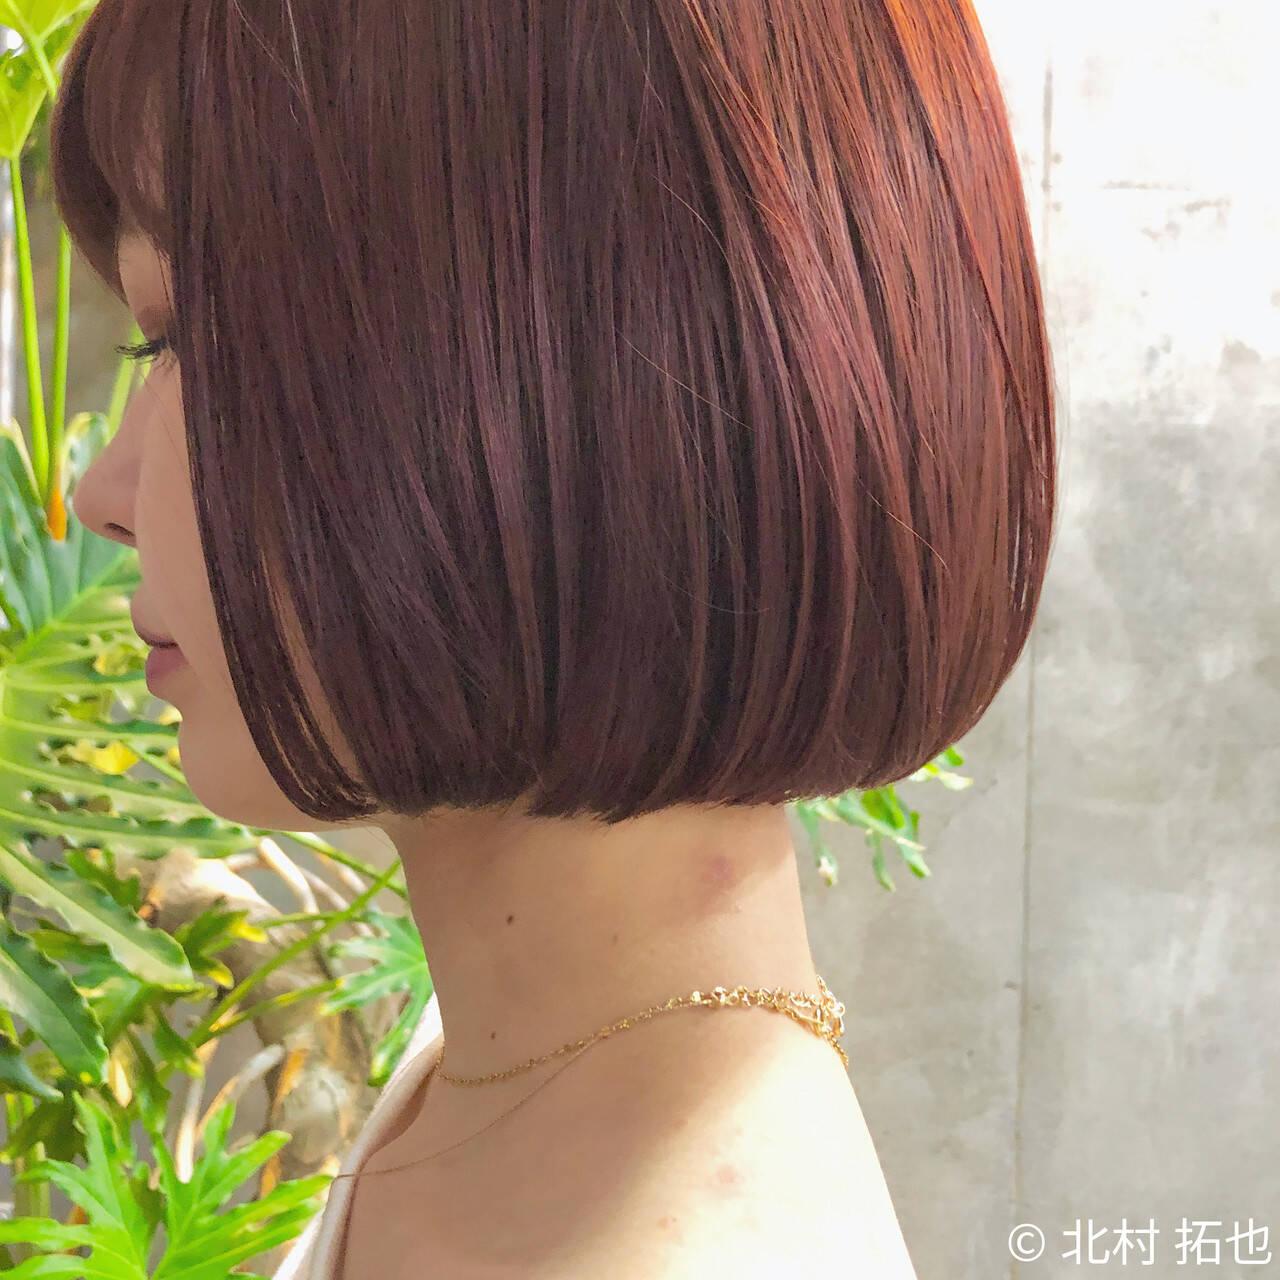 ミニボブ 透明感カラー ナチュラル カシスカラーヘアスタイルや髪型の写真・画像